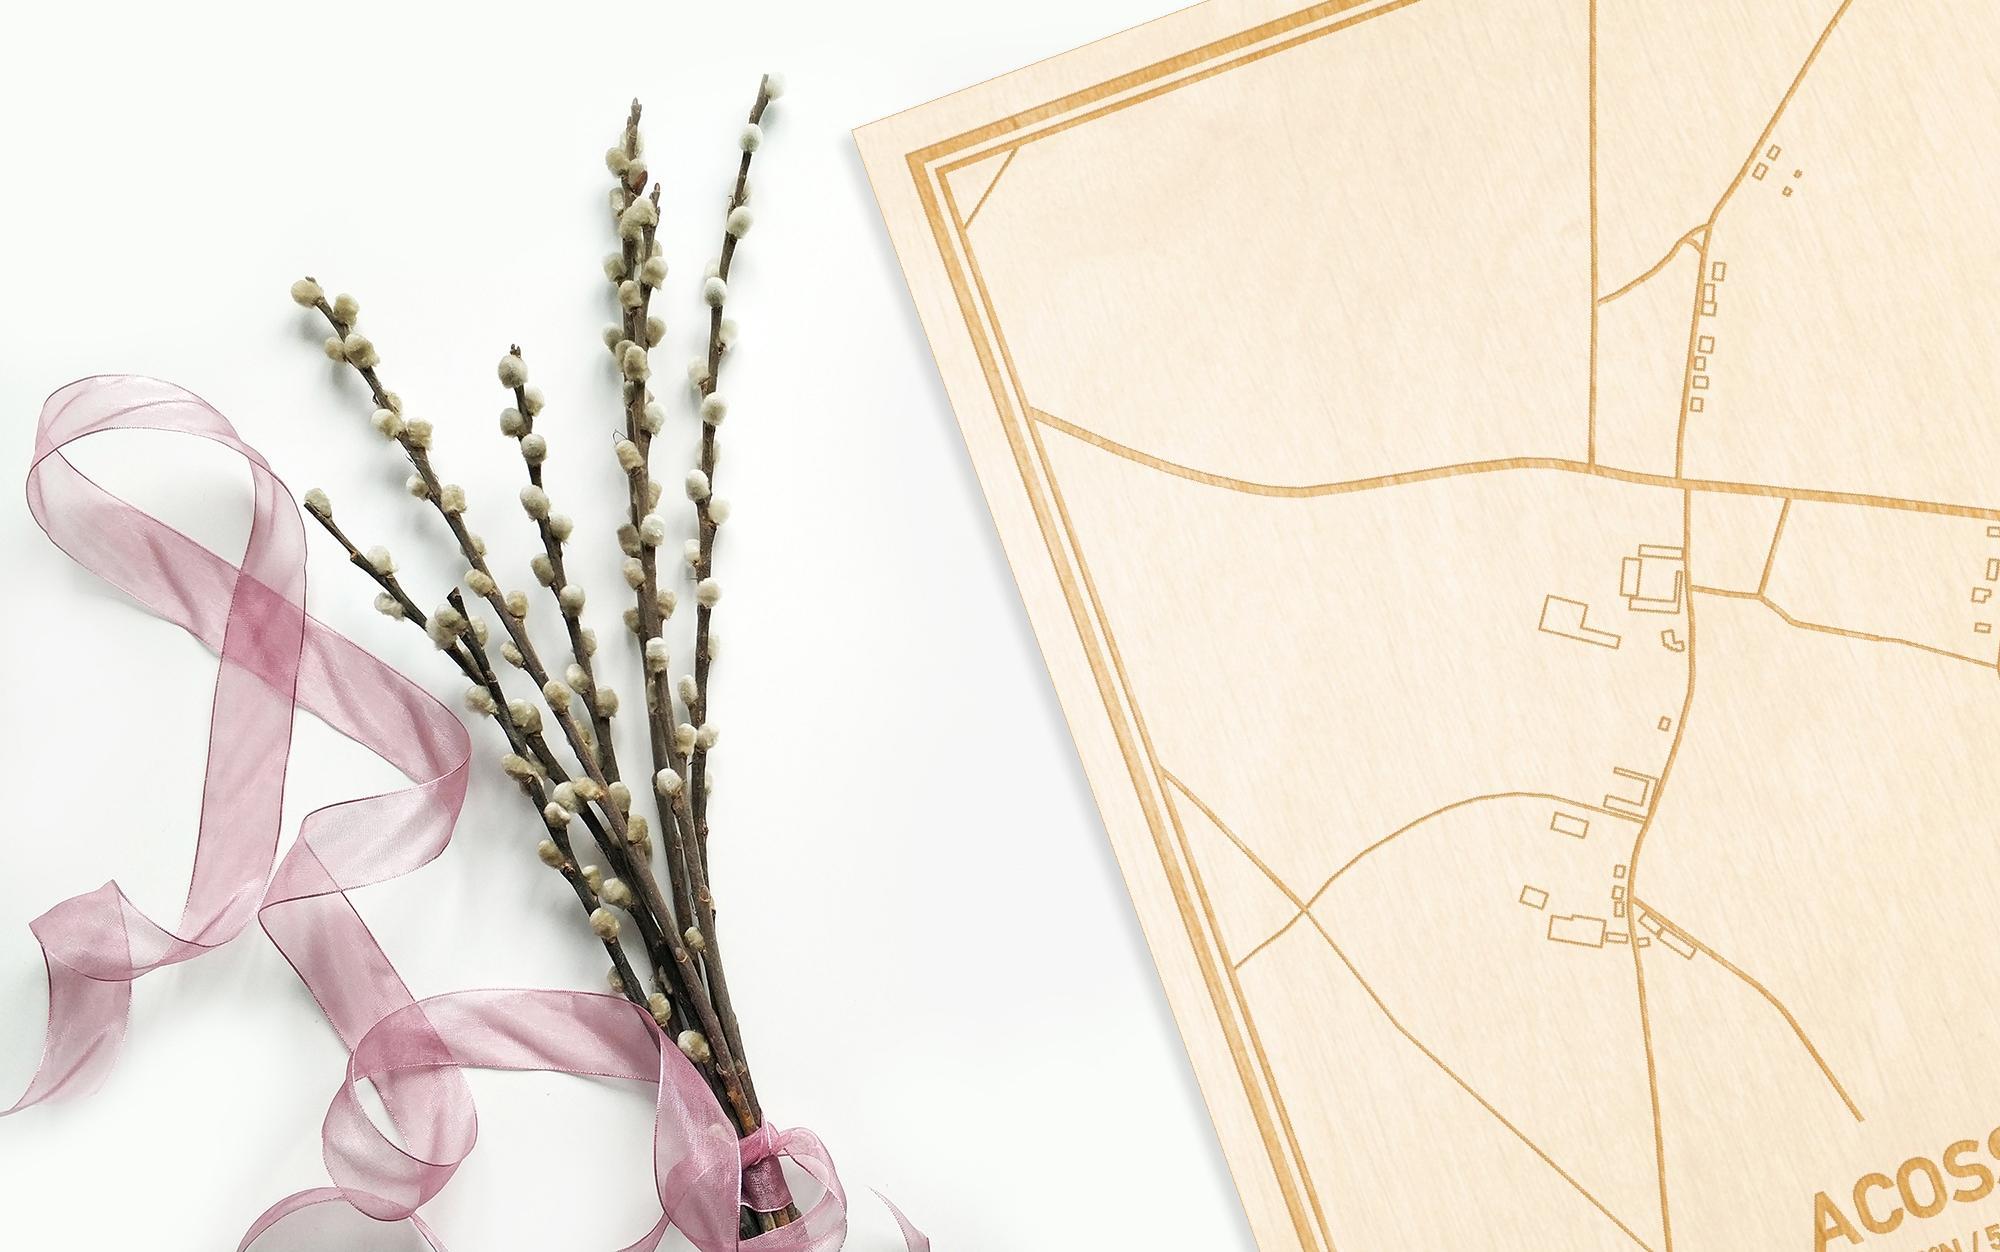 Hier ligt de houten plattegrond Acosse naast een bloemetje als gepersonaliseerd cadeau voor haar.